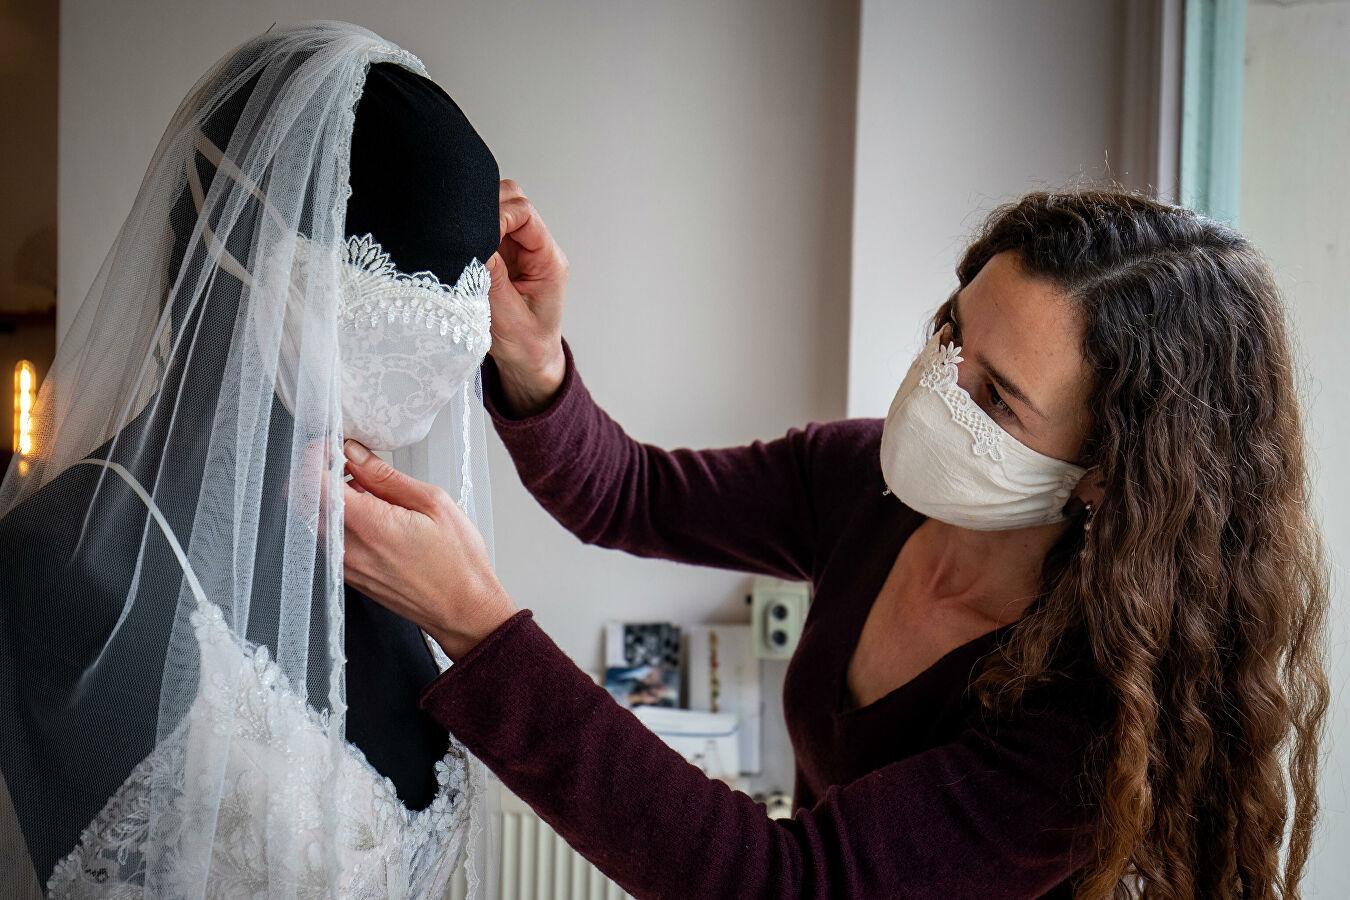 маска в комплект к платью невесты